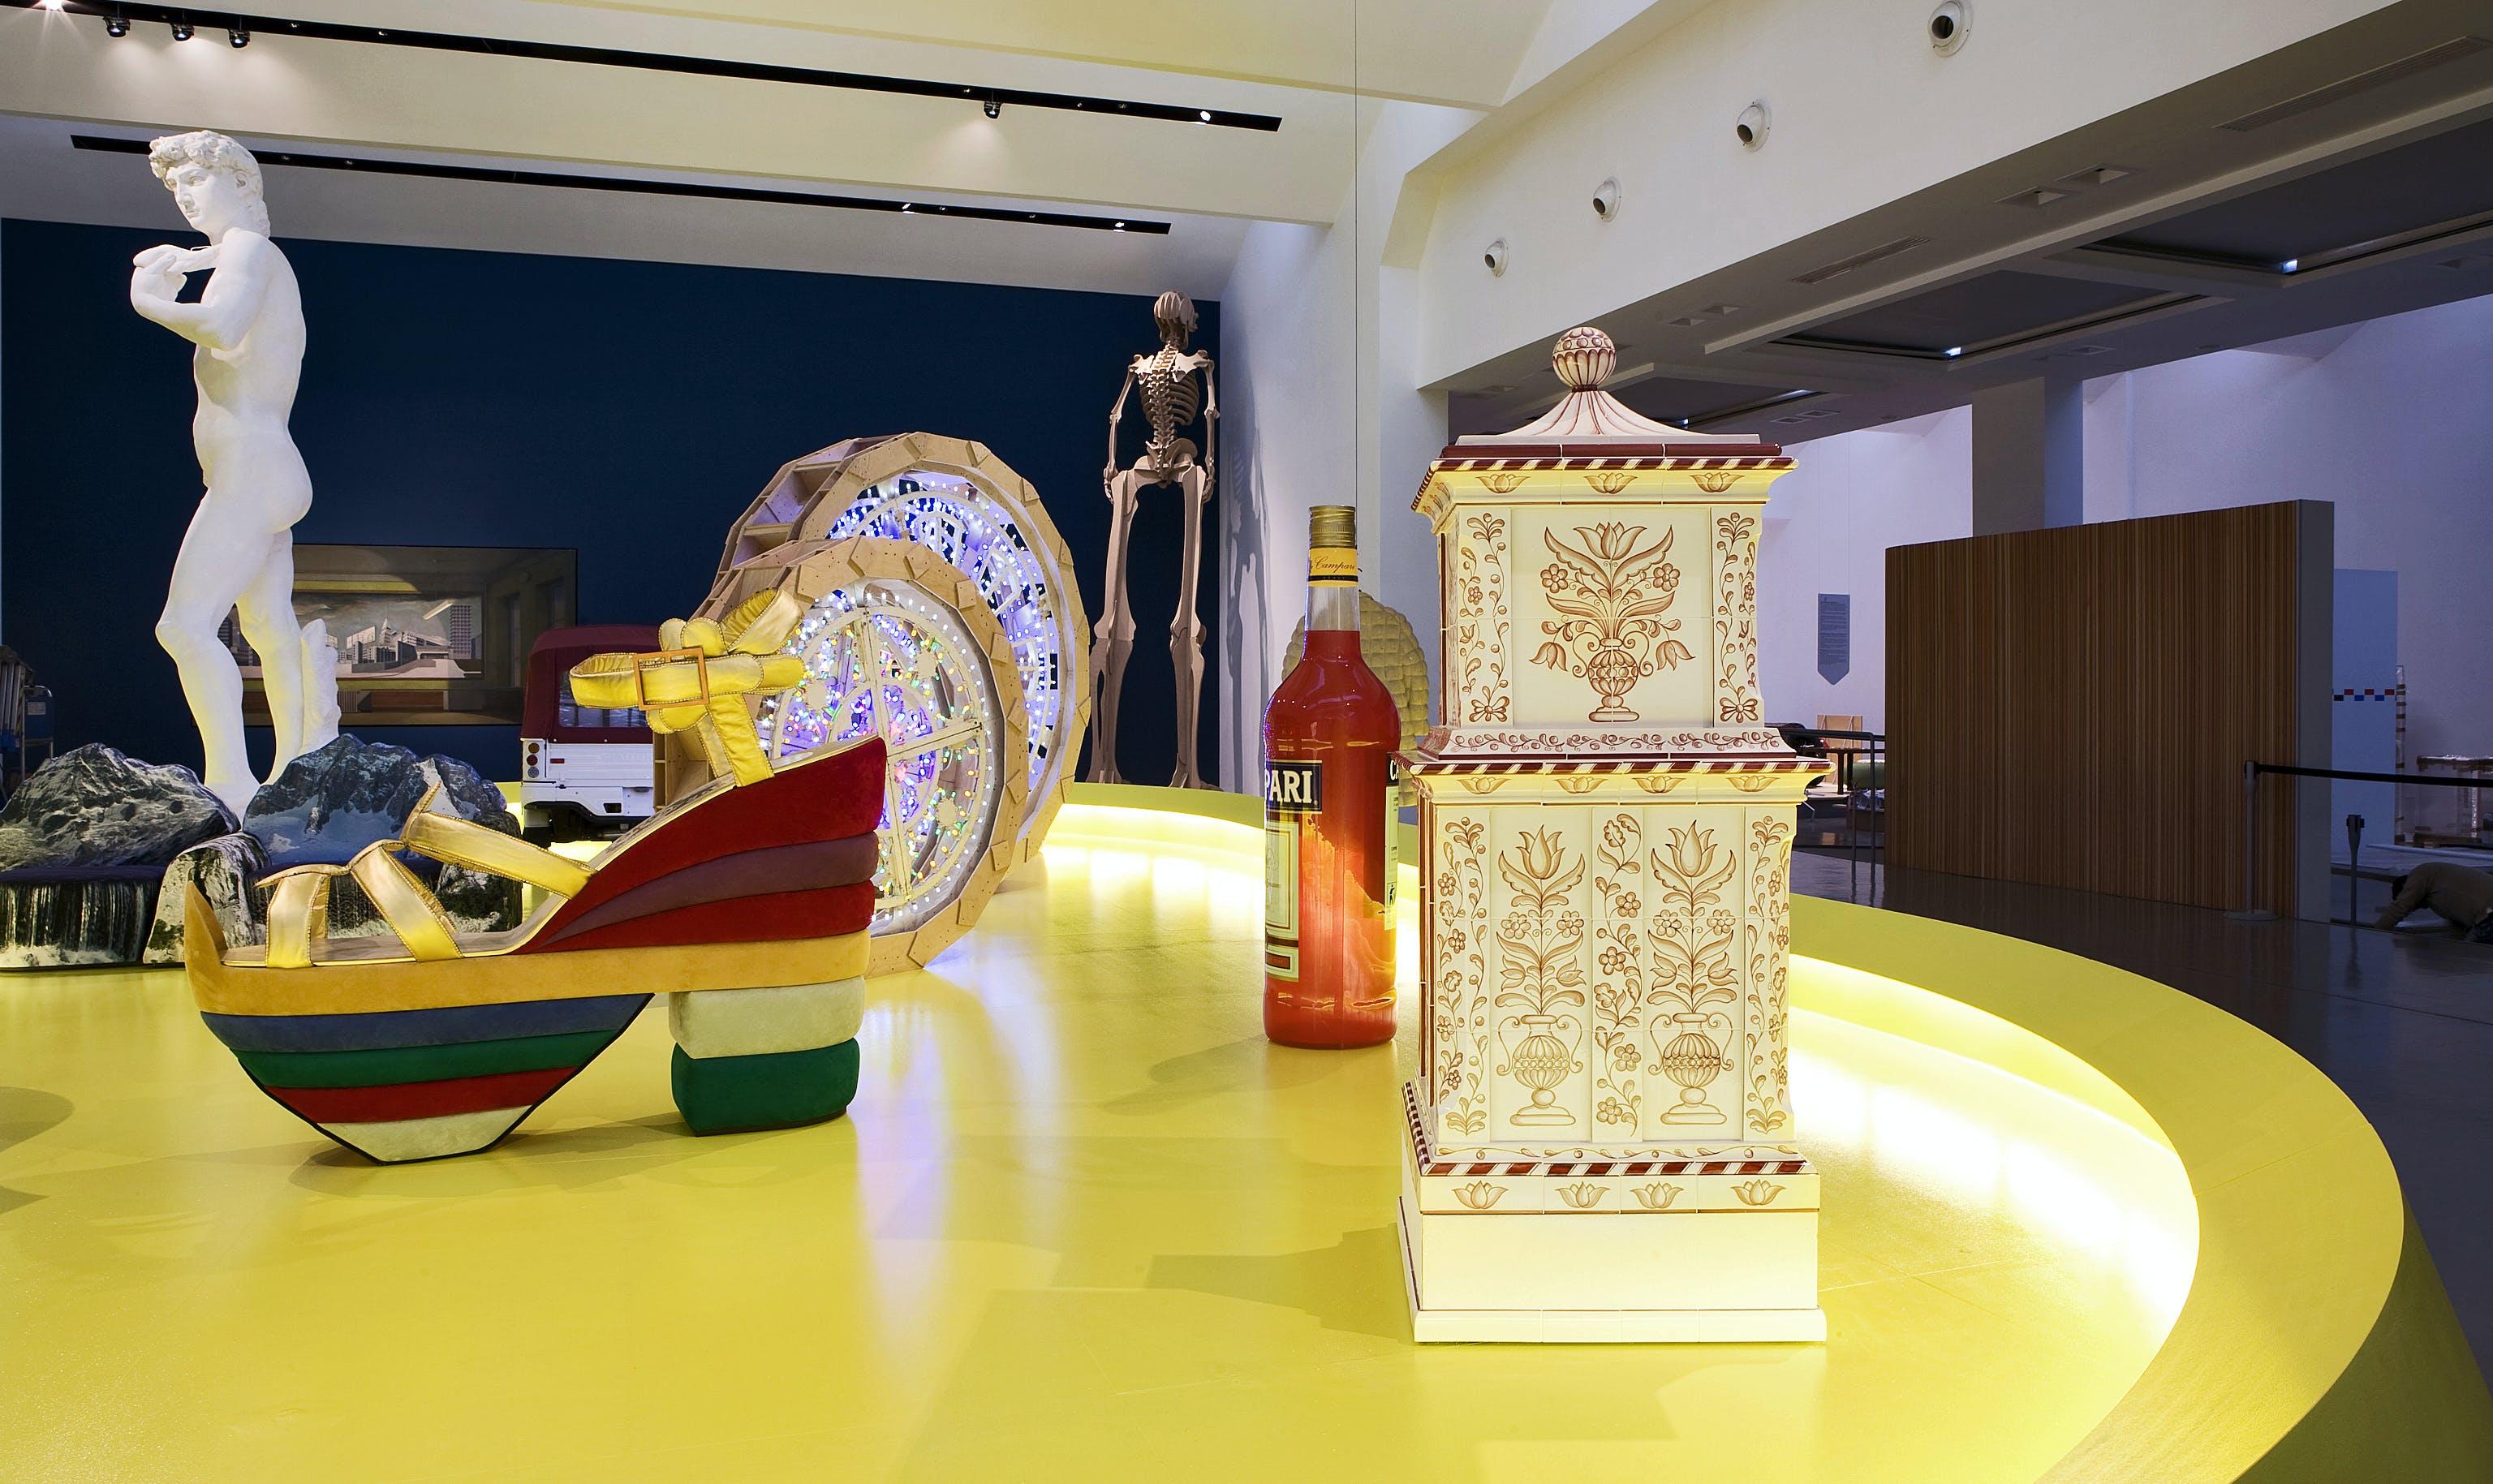 Quali Cose Siamo, 2010, Triennale Milano